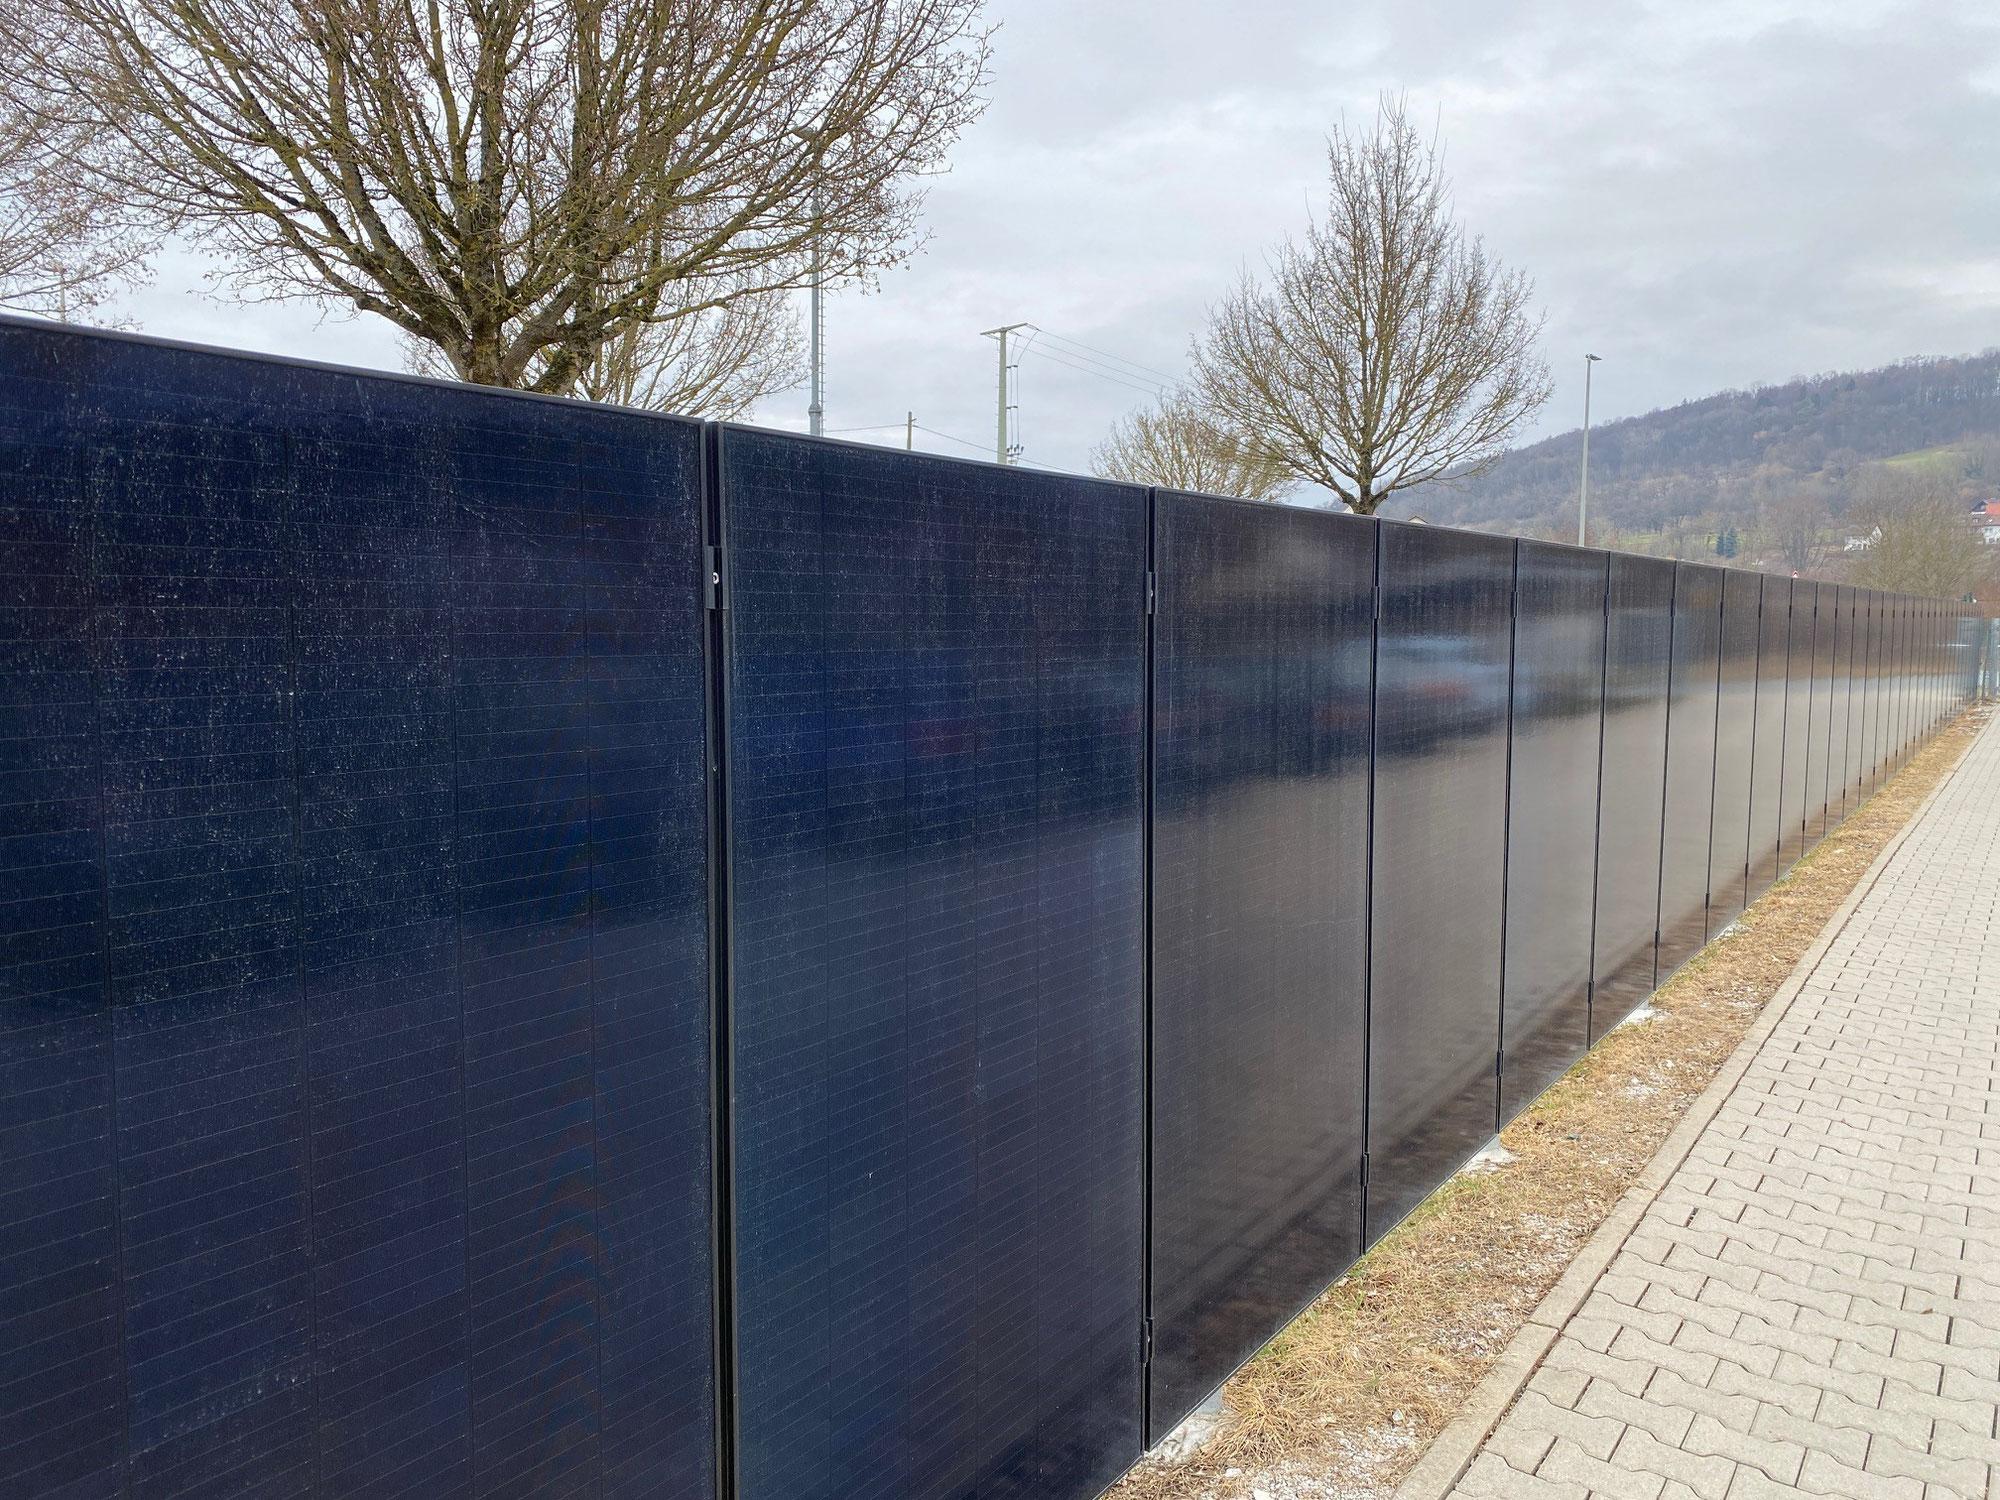 SOLAR-Photovoltaik und Wärmepumpe im Baugebiet 411 in Erlangen Büchenbach